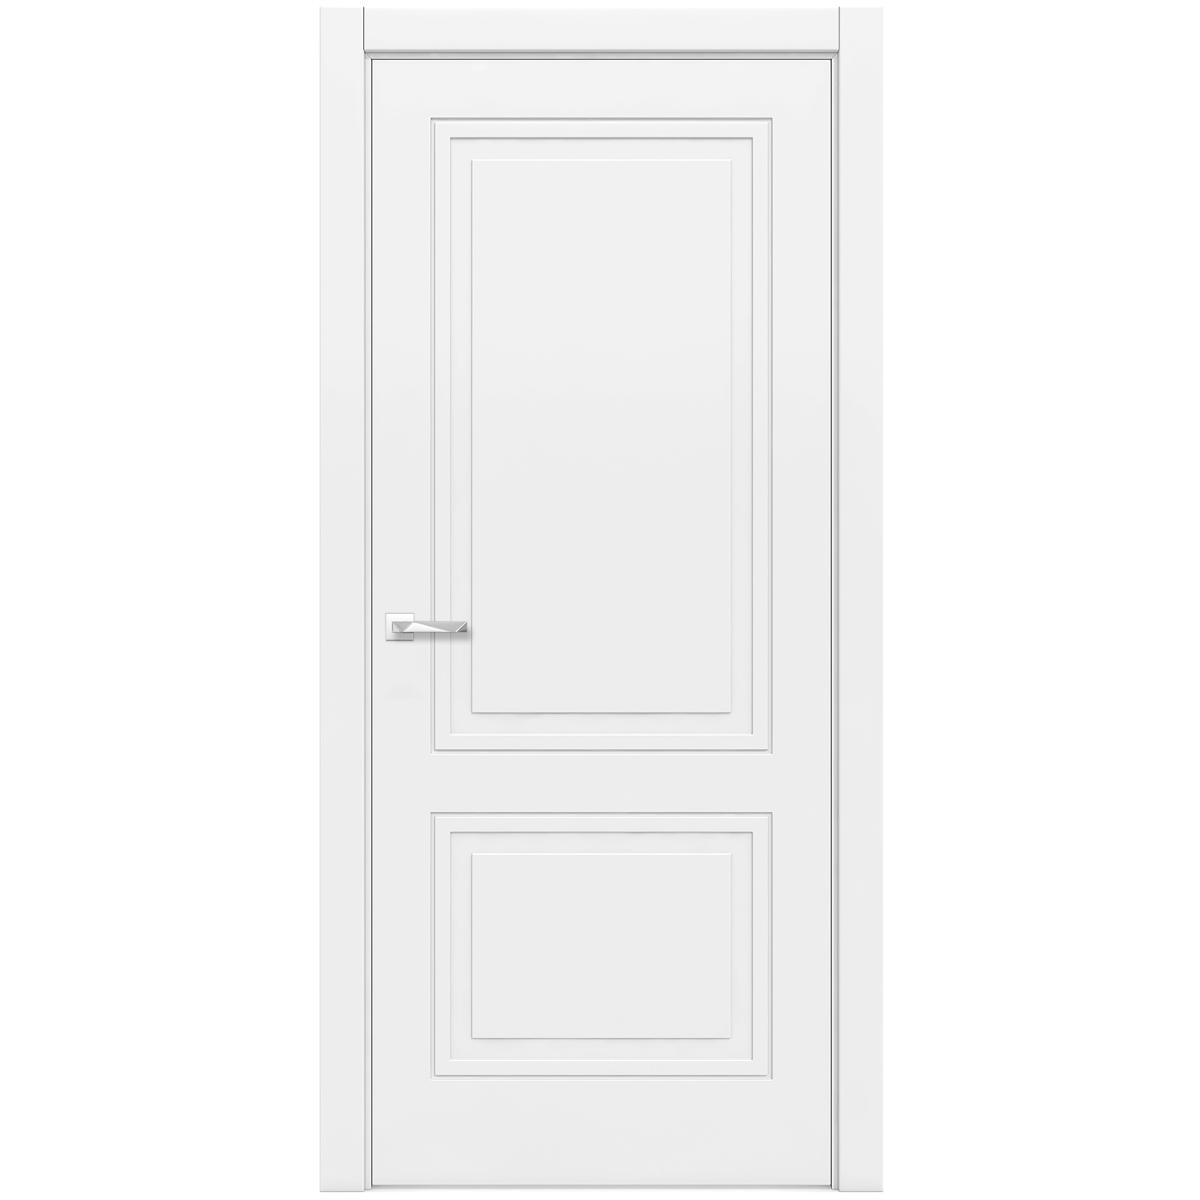 Дверное полотно Loyard Париж МП_0350 2000х600х44 мм МДФ